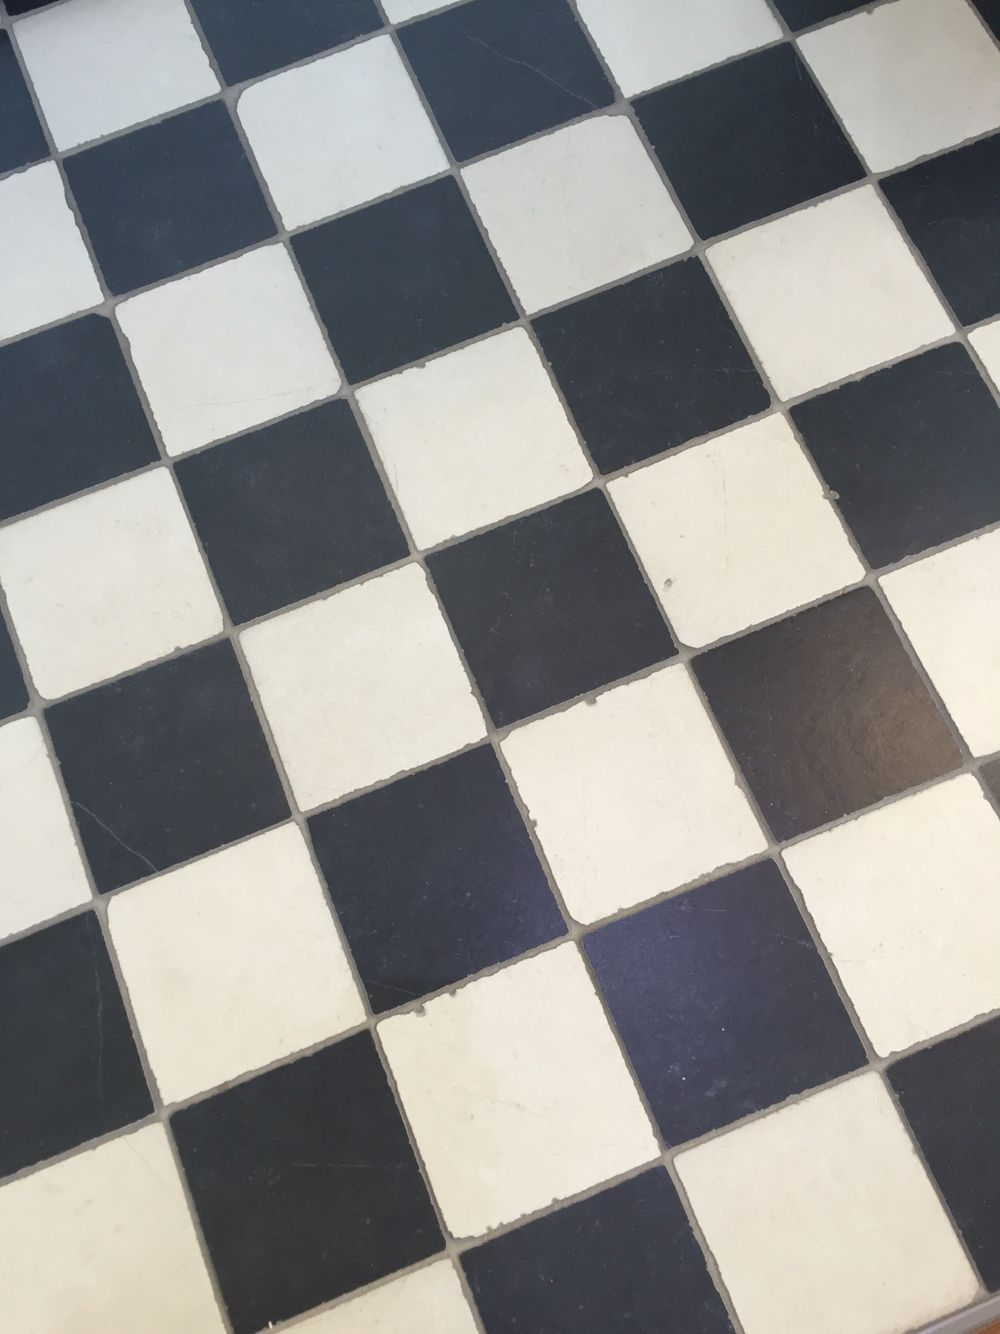 Vloertegels Zwart Wit.Zwart Wit Geblokte Vloertegels Tegelshowroom Witte Tegel